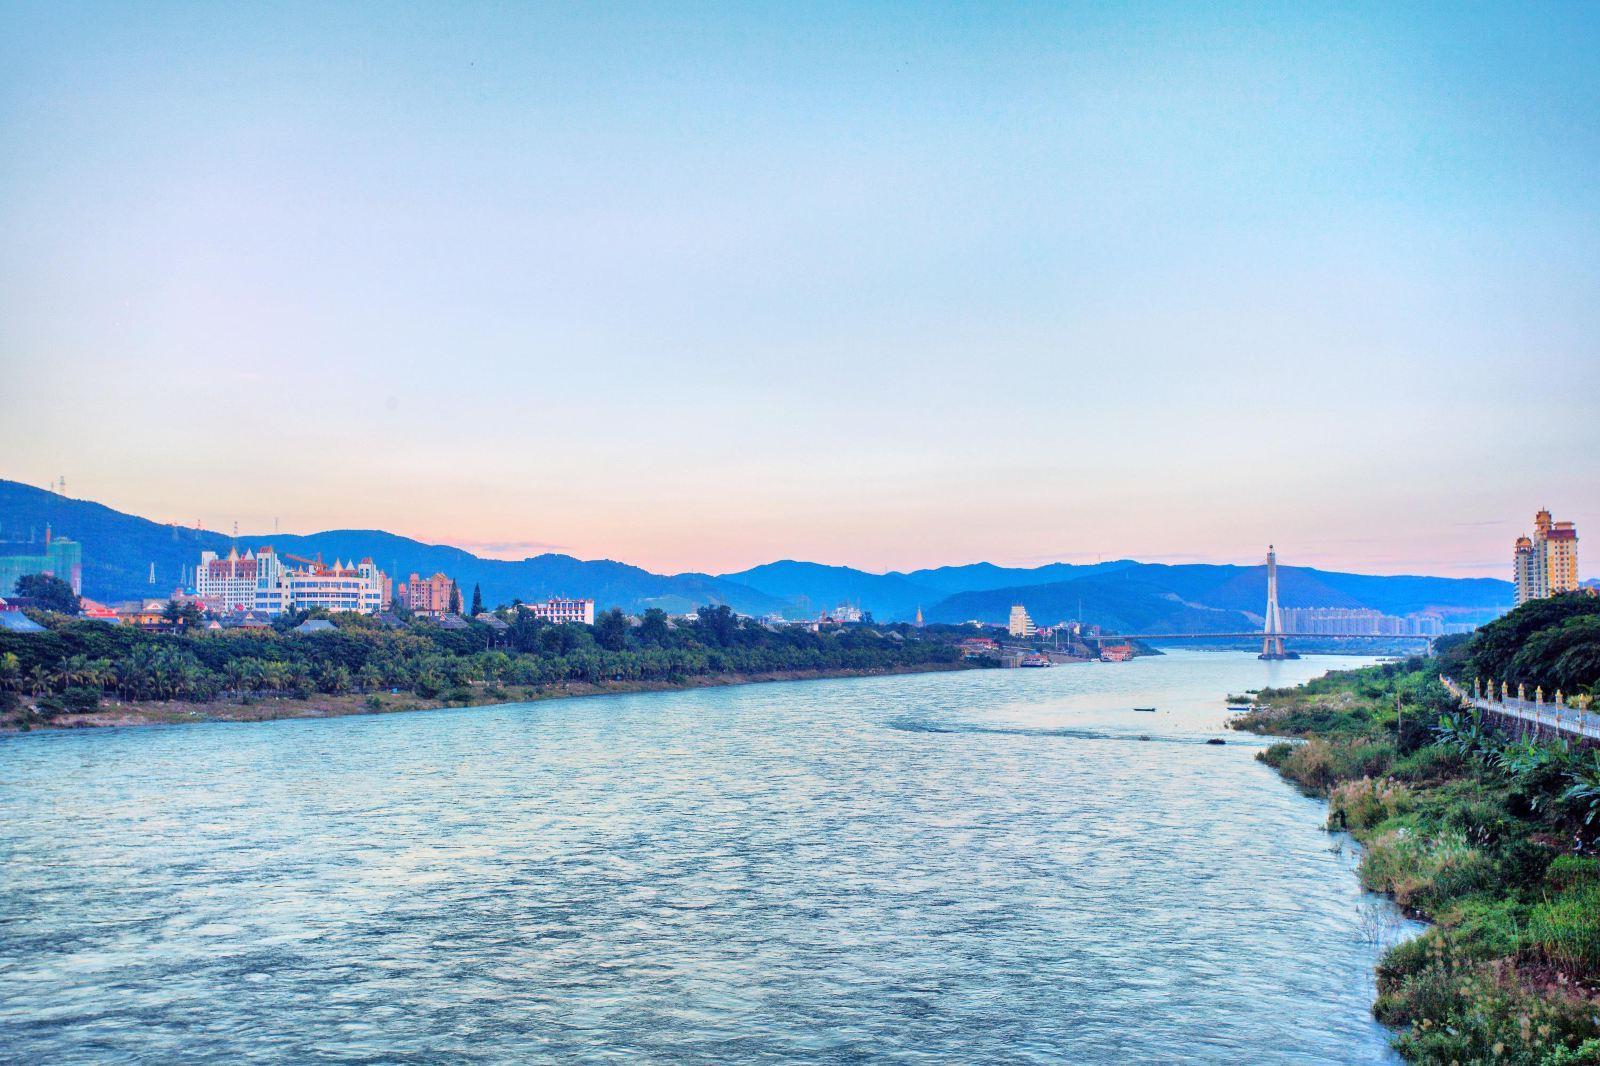 丽江是最美的秋景,丽江秋游指南